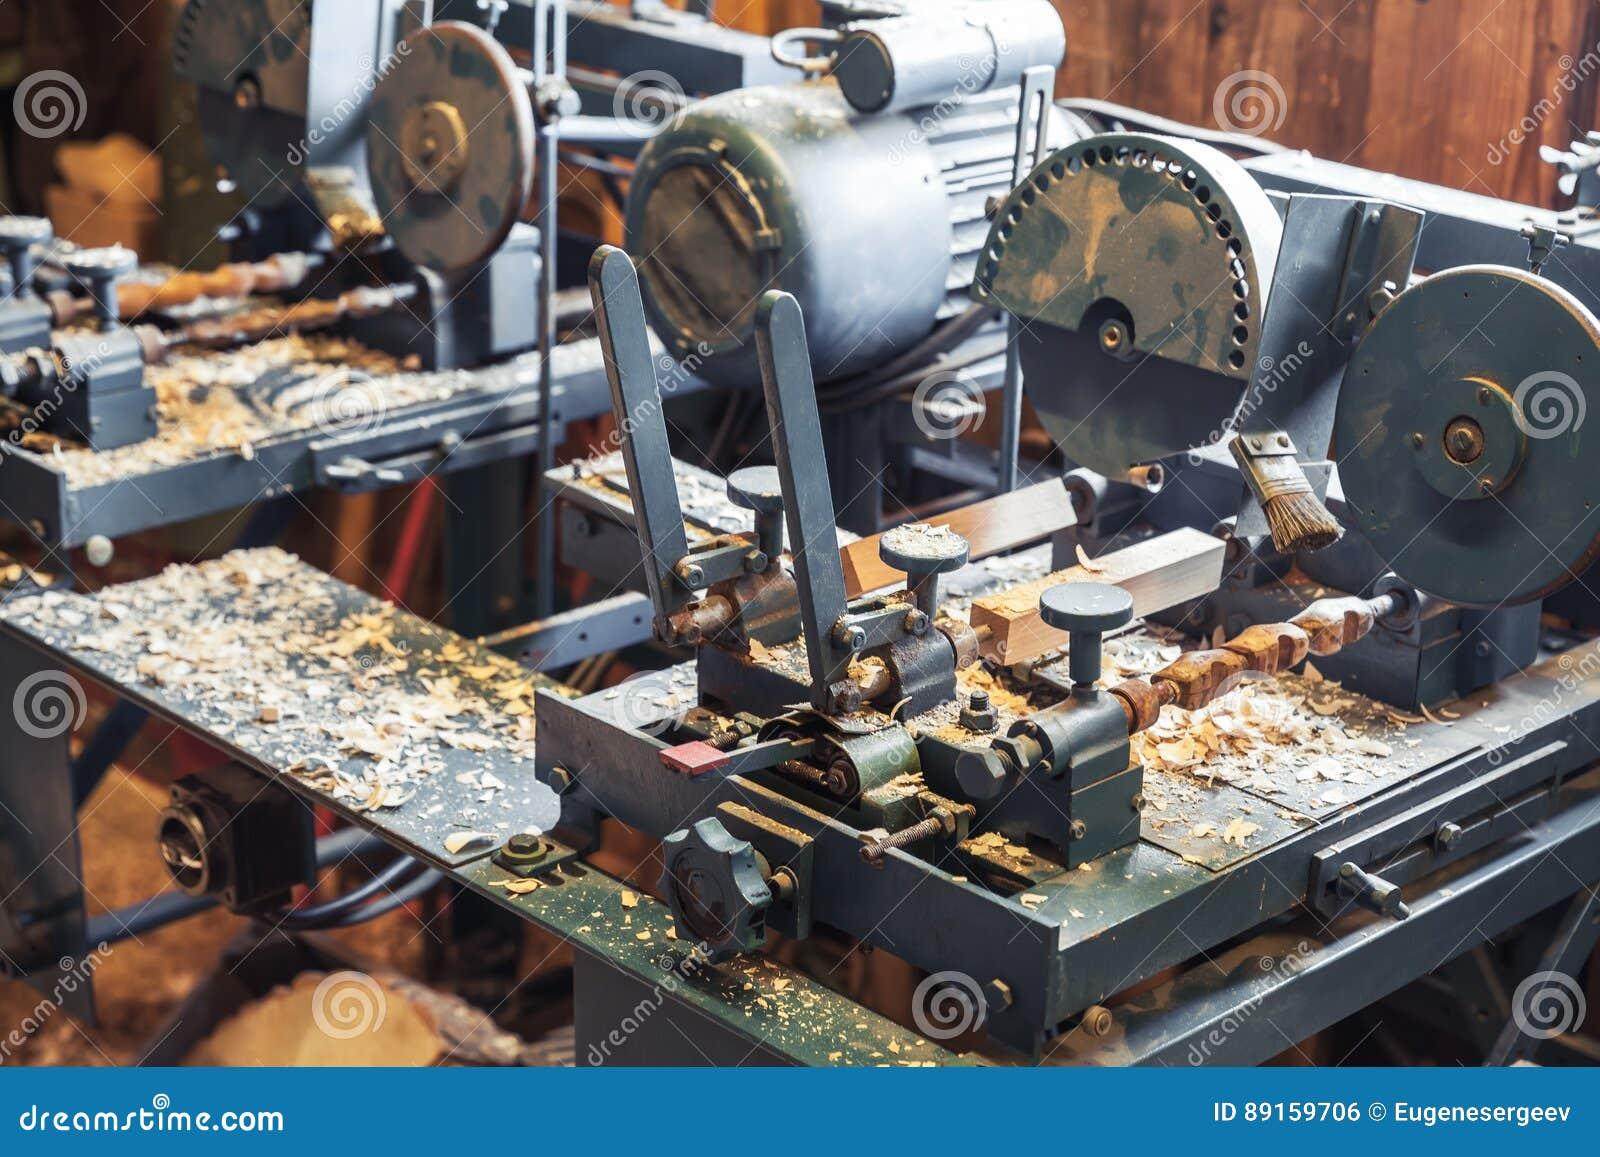 quality design f7371 19293 Macchine Per La Lavorazione Del Legno Nella Fabbrica Di ...